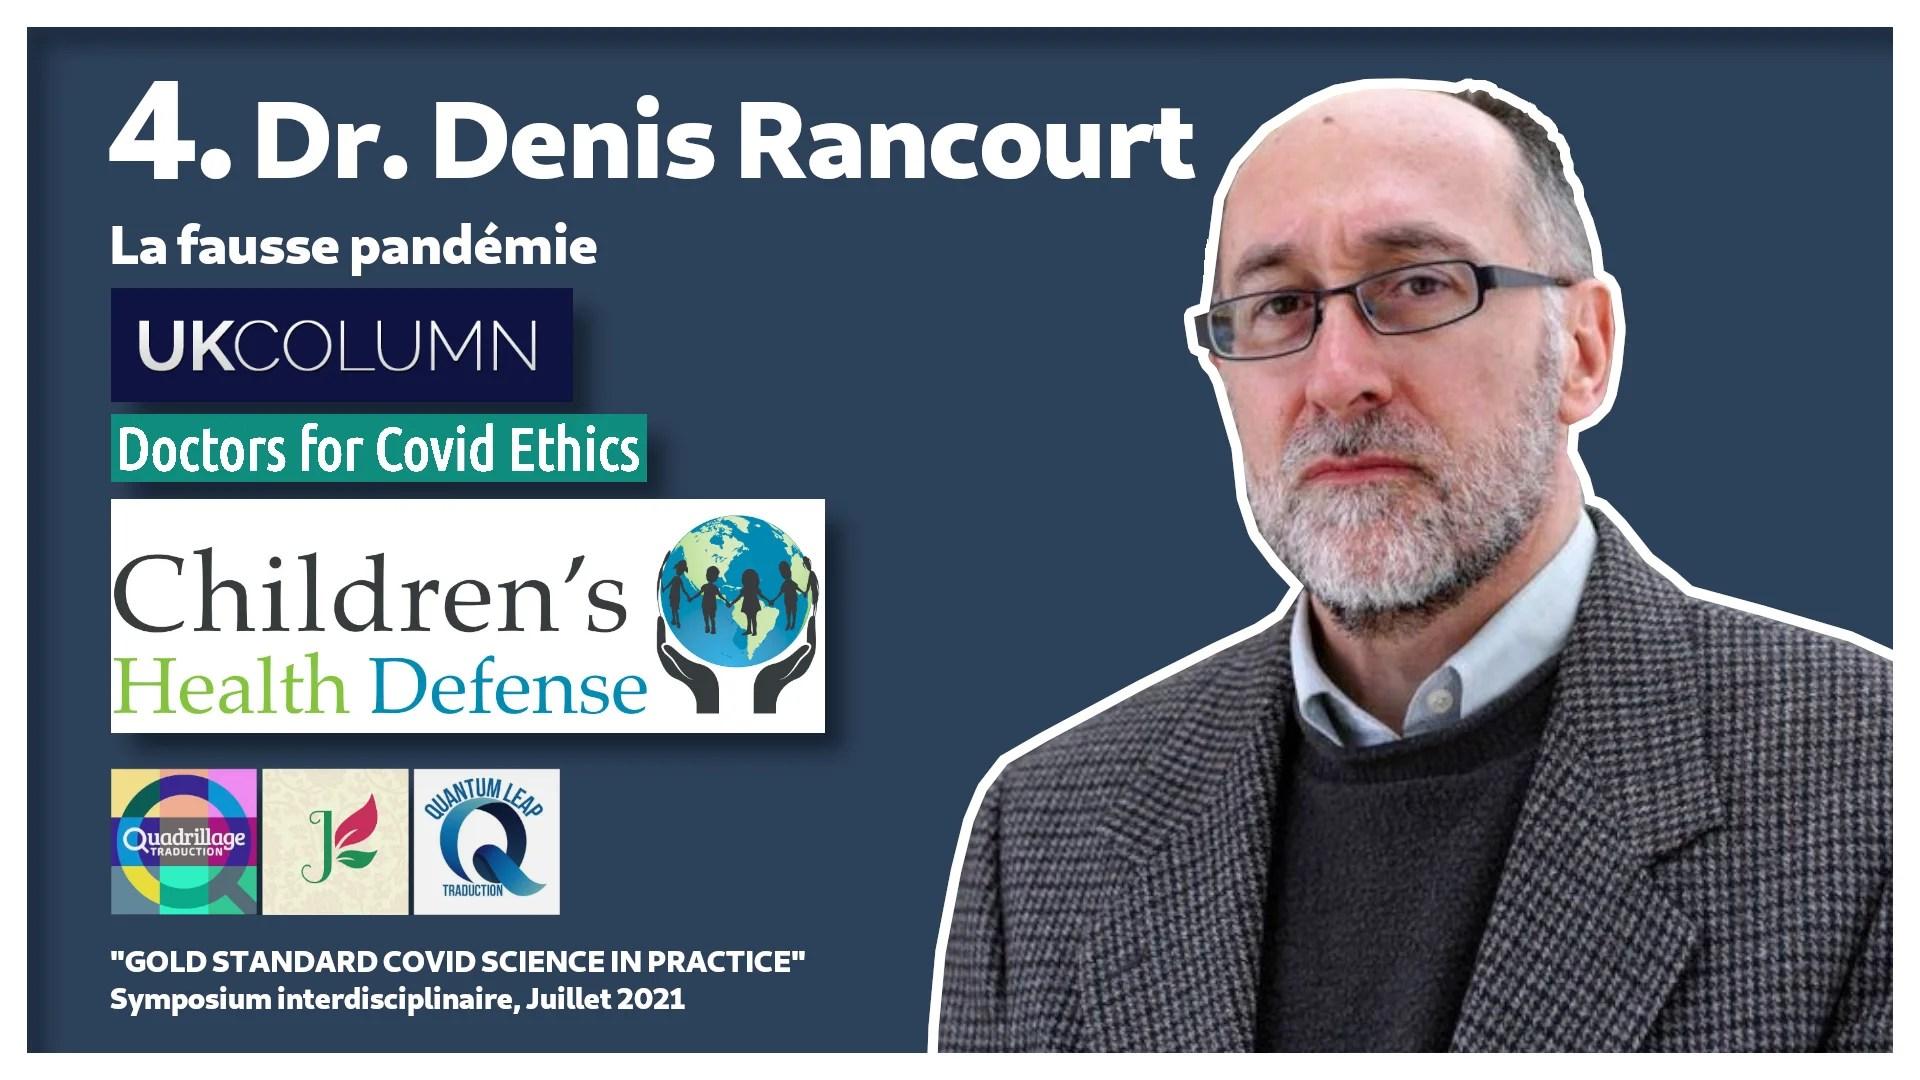 #4 : Dr. Denis Rancourt sur la fausse pandémie